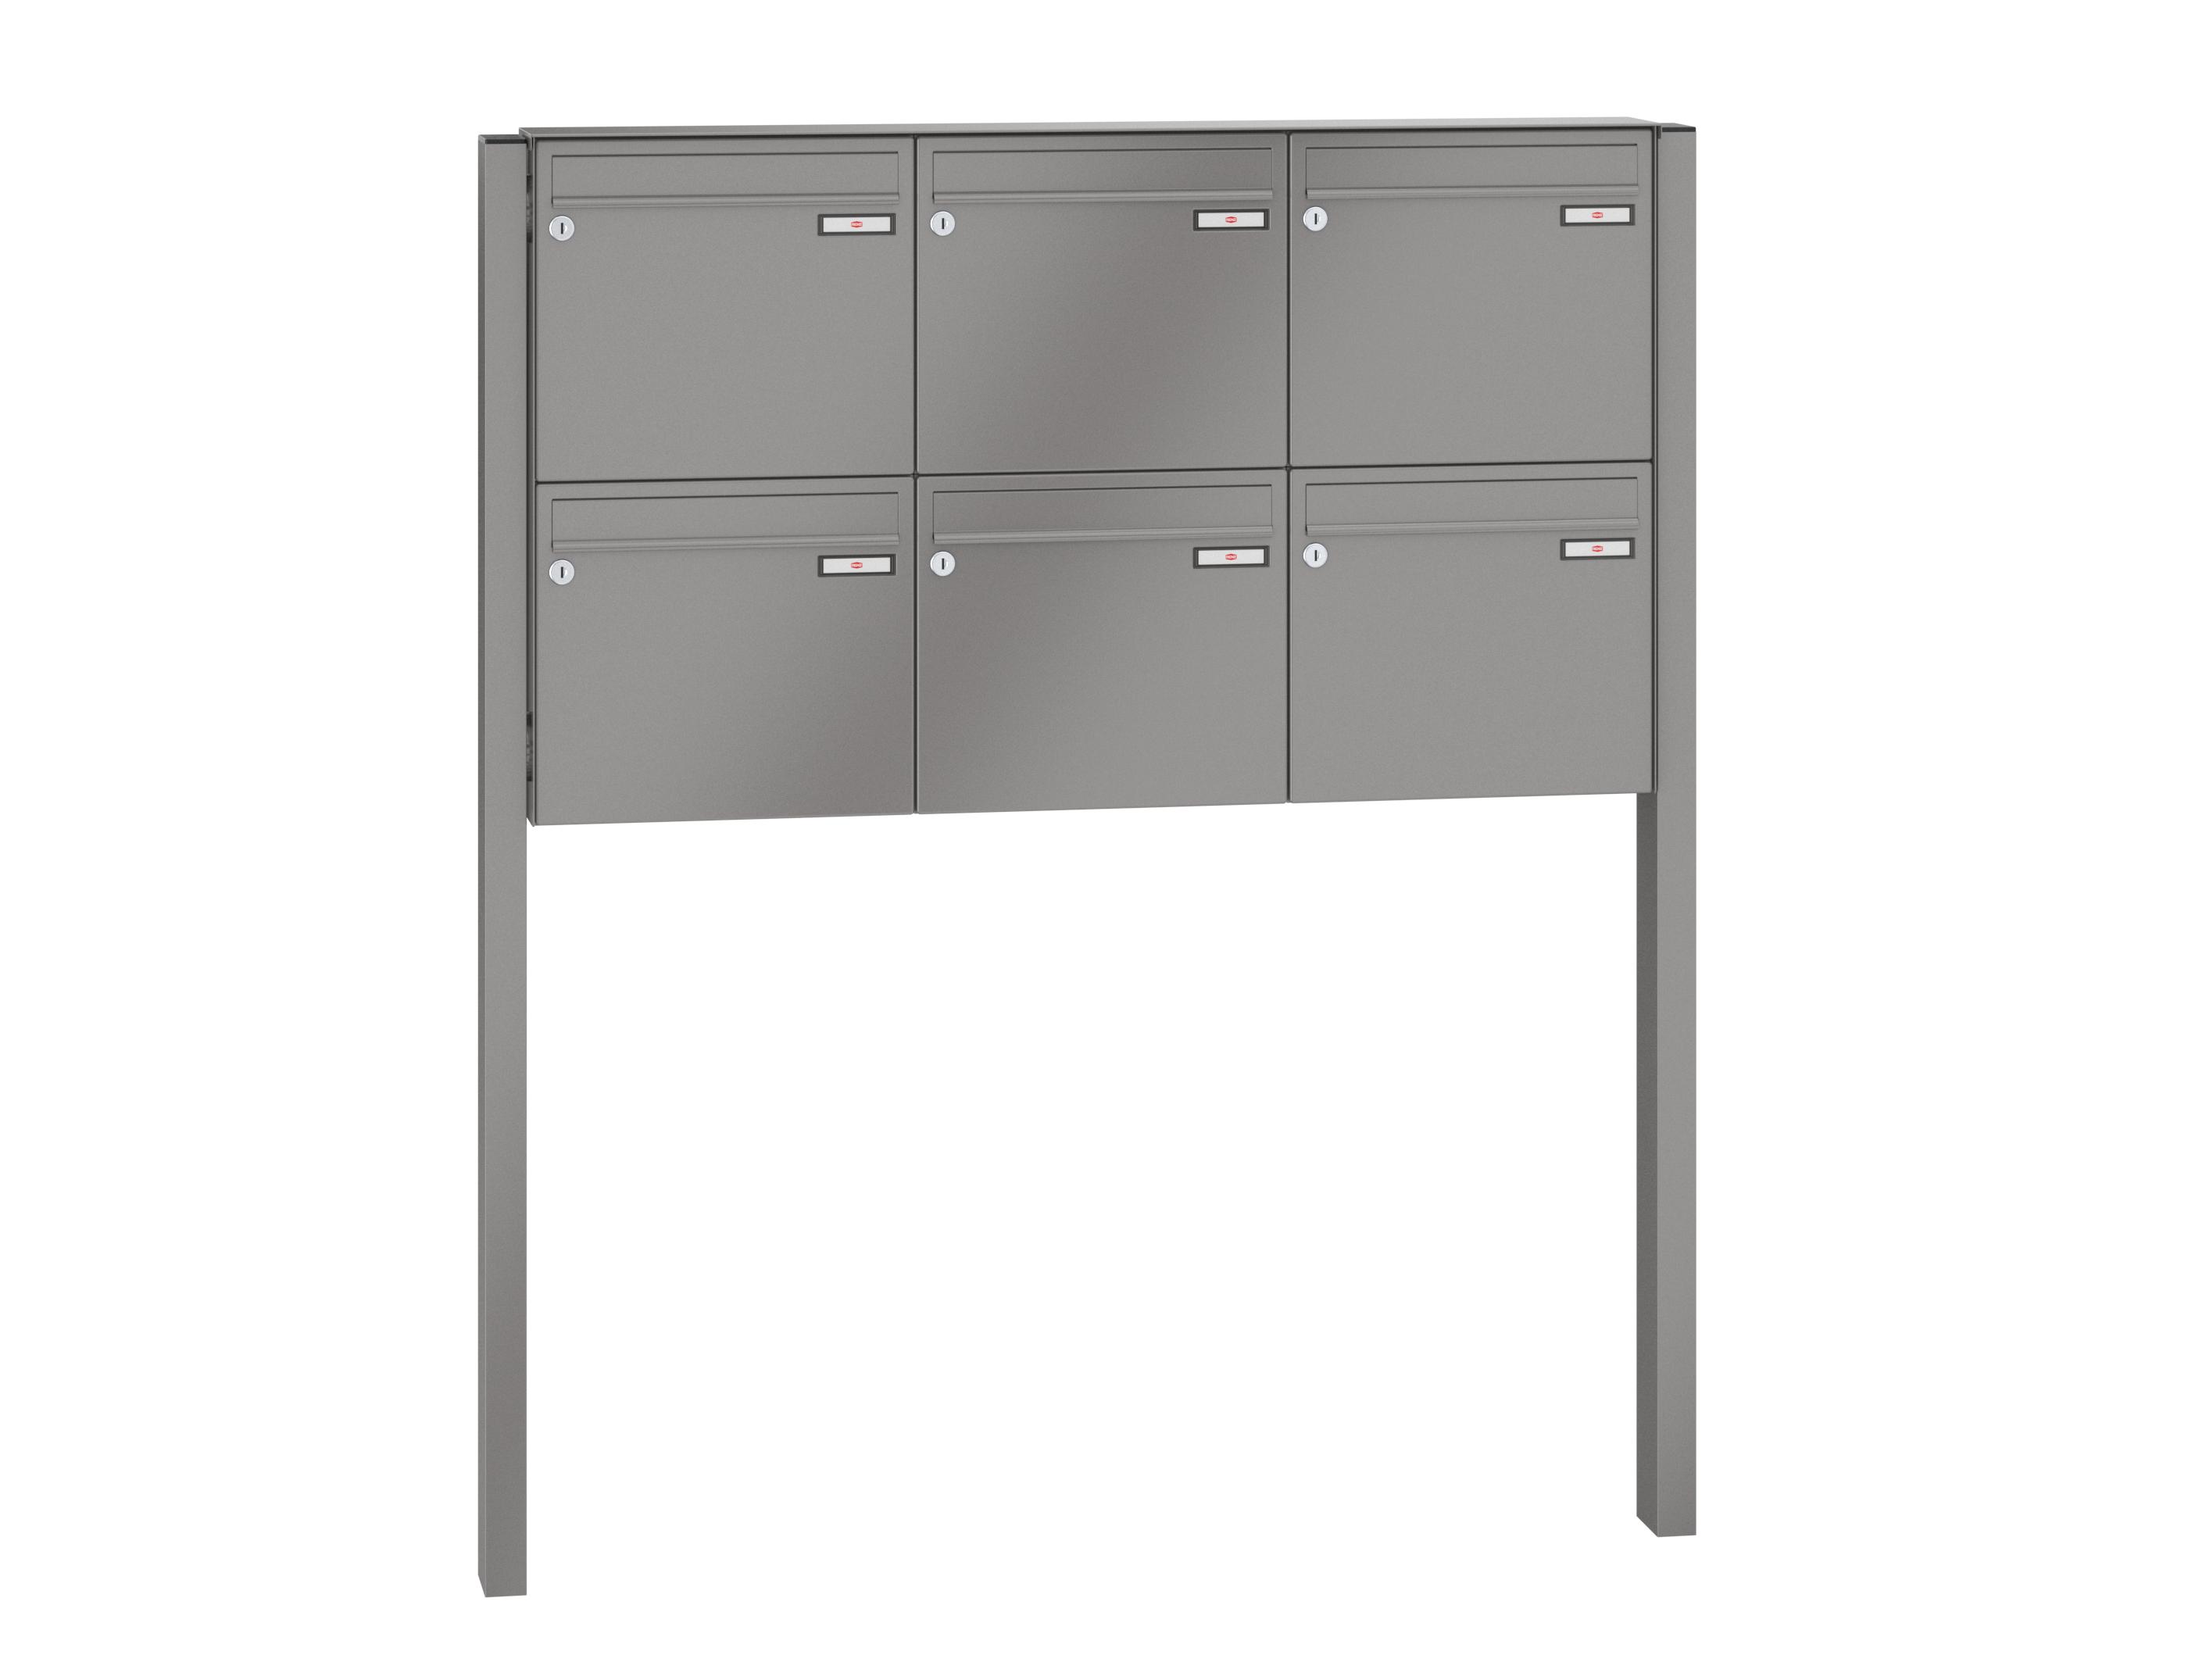 RENZ Briefkastenanlage freistehend, Basic B, Kastenformat 370x330x100mm,  6-teilig, zum Einbetonieren, Renz Nummer 10-0-25048